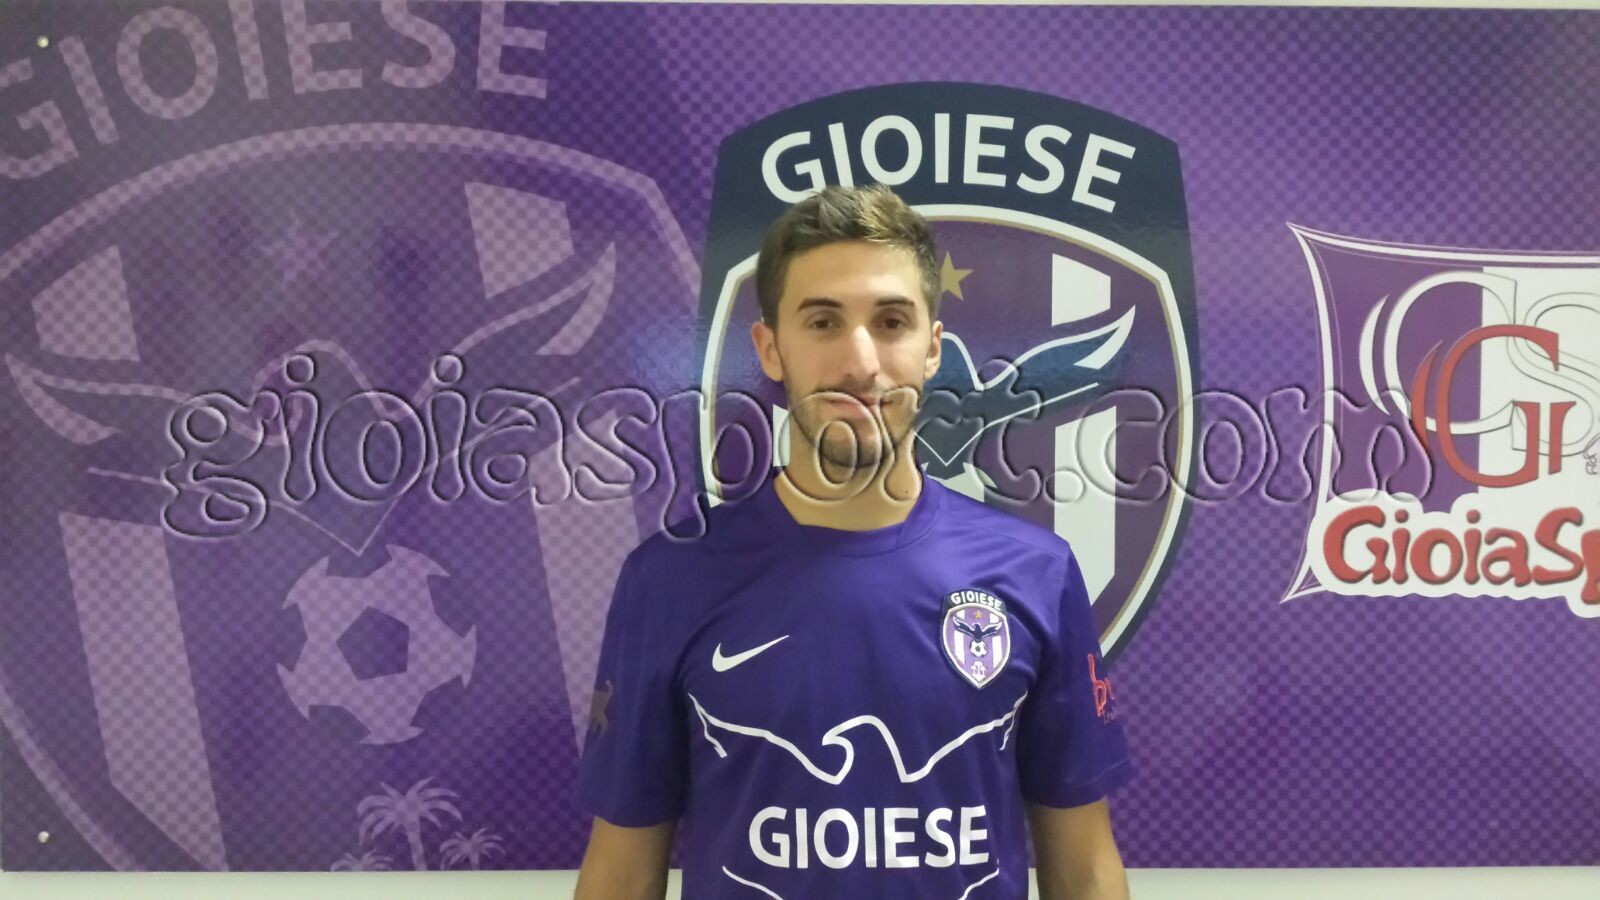 Calciomercato: la Gioiese ingaggia Fabio Barreca